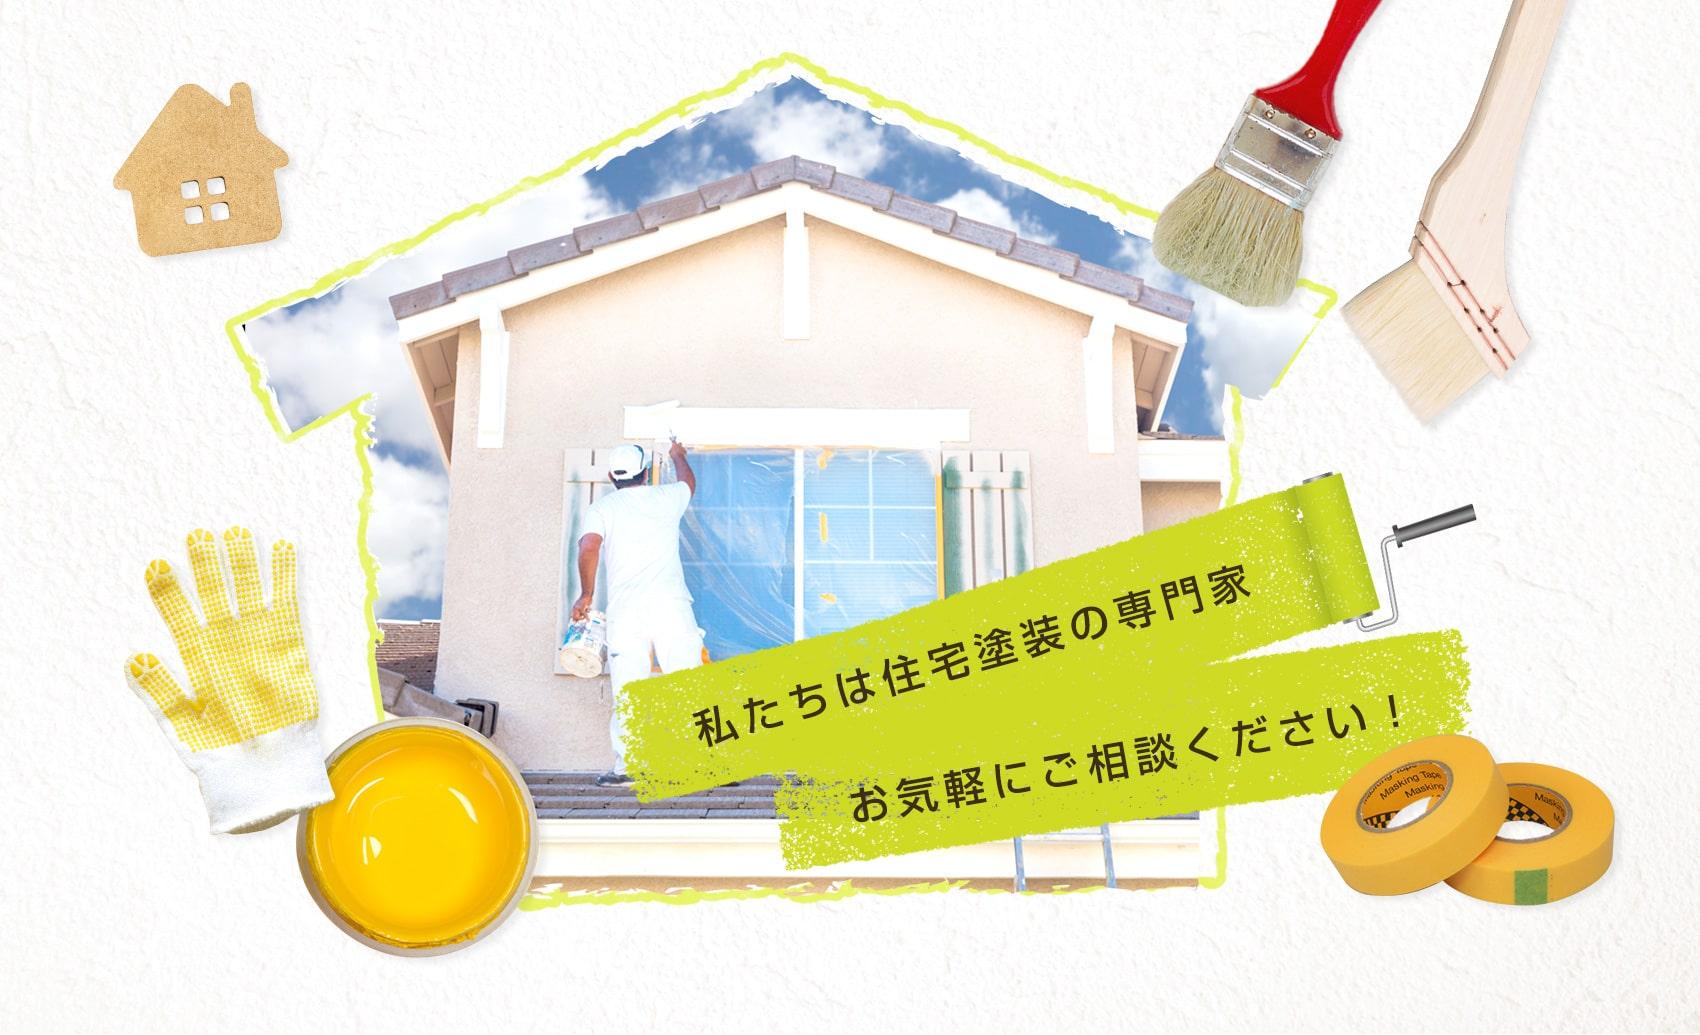 私たちは住宅塗装の専門家 お気軽にご相談ください!